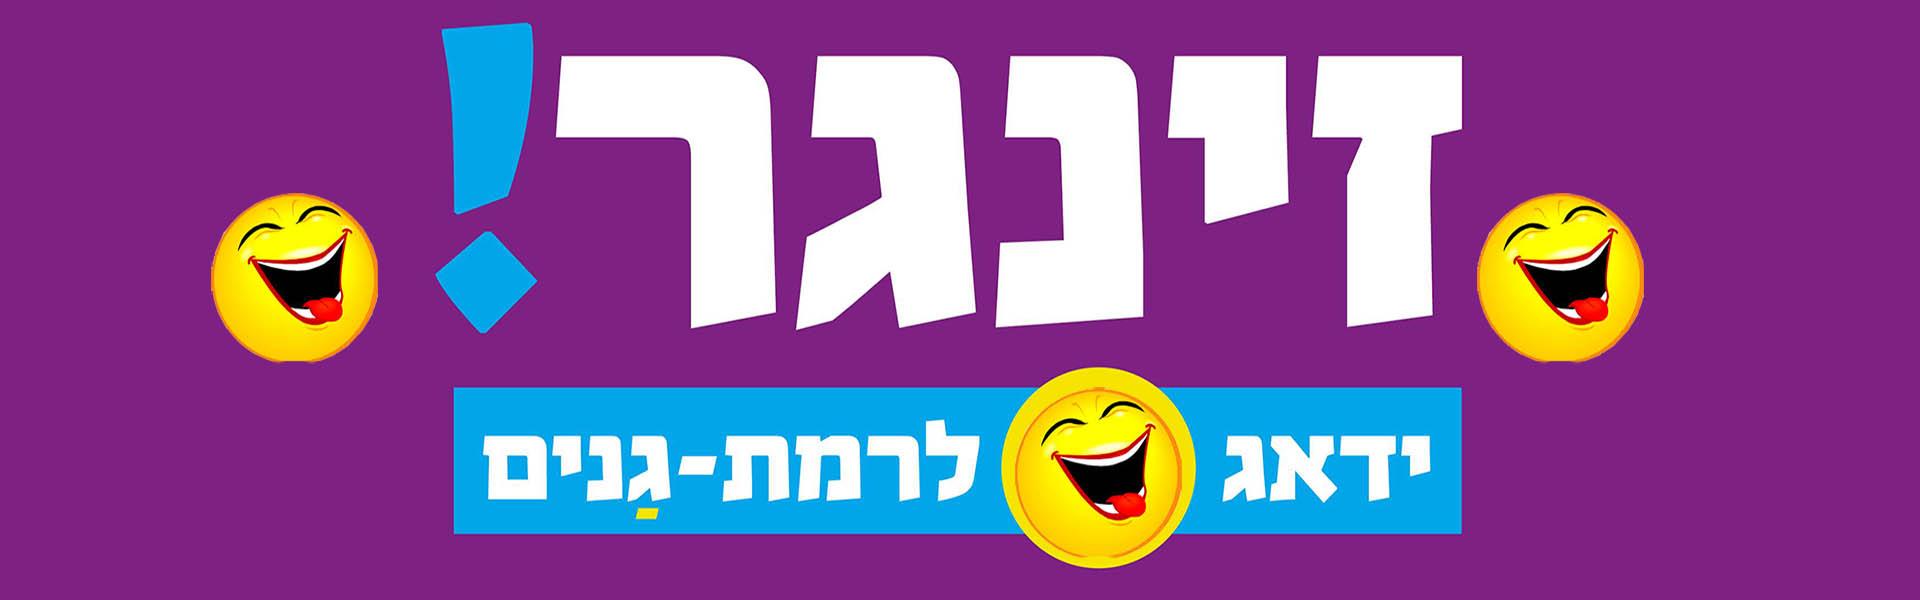 ישראל והלוקשים